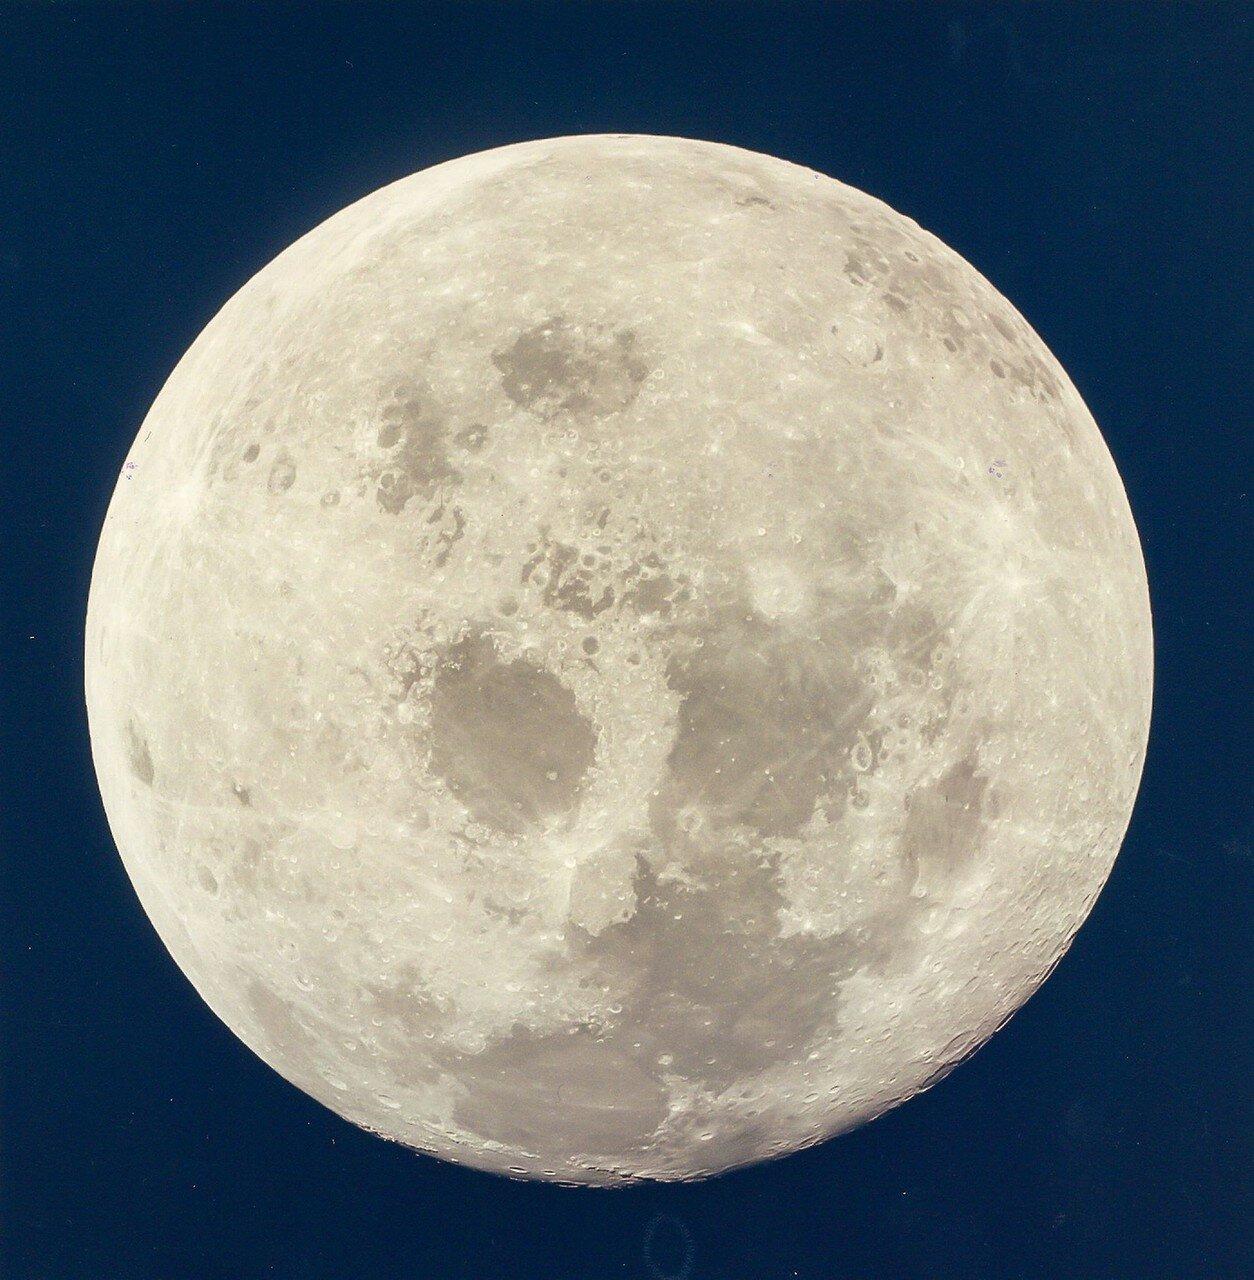 Астронавты развернули его носом в обратную сторону, чтобы пофотографировать быстро удалявшуюся Луну. После этого они перевели командно-служебный модуль в режим пассивного термического контроля, и у экипажа начался 10-часовой период ночного отдыха